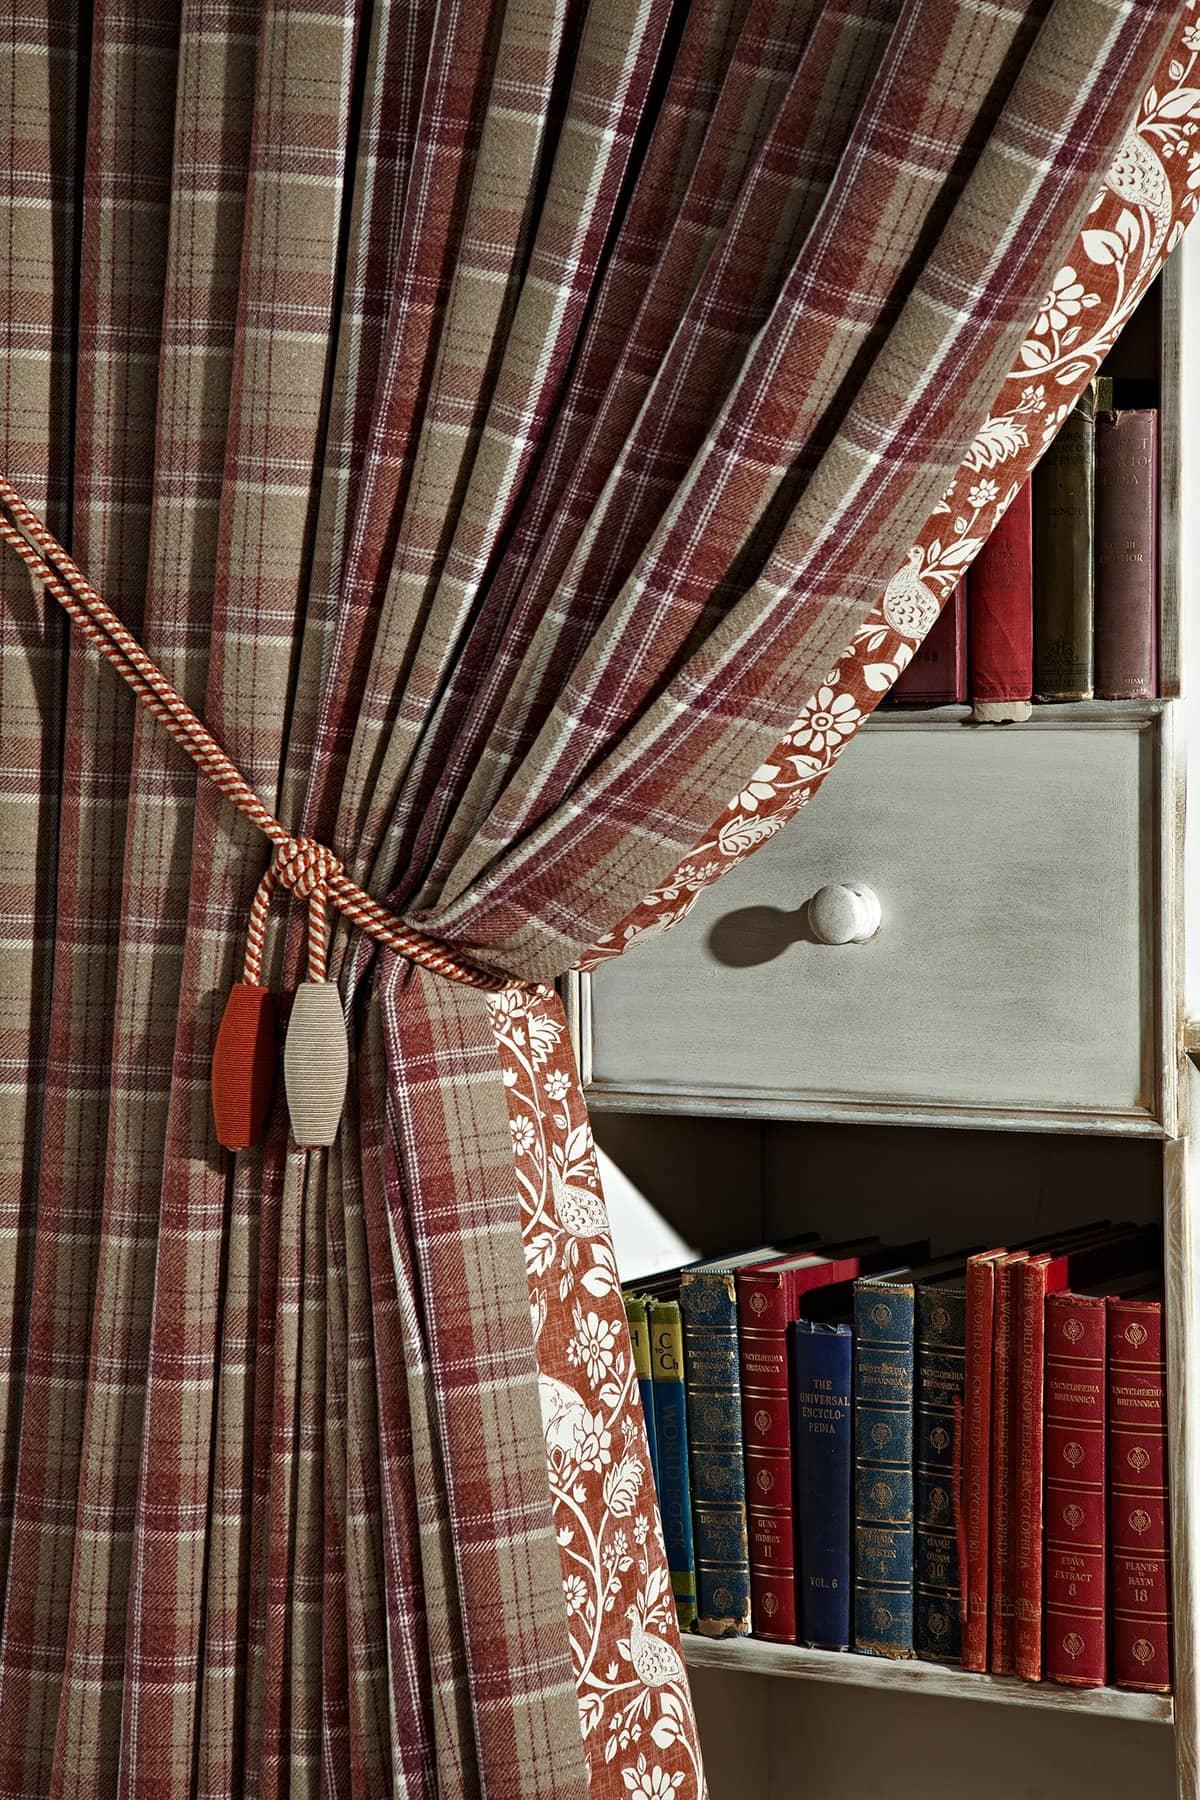 Fabric curtain tie backs -  Curtain Tie Backs Curtains Norwich Sunblinds